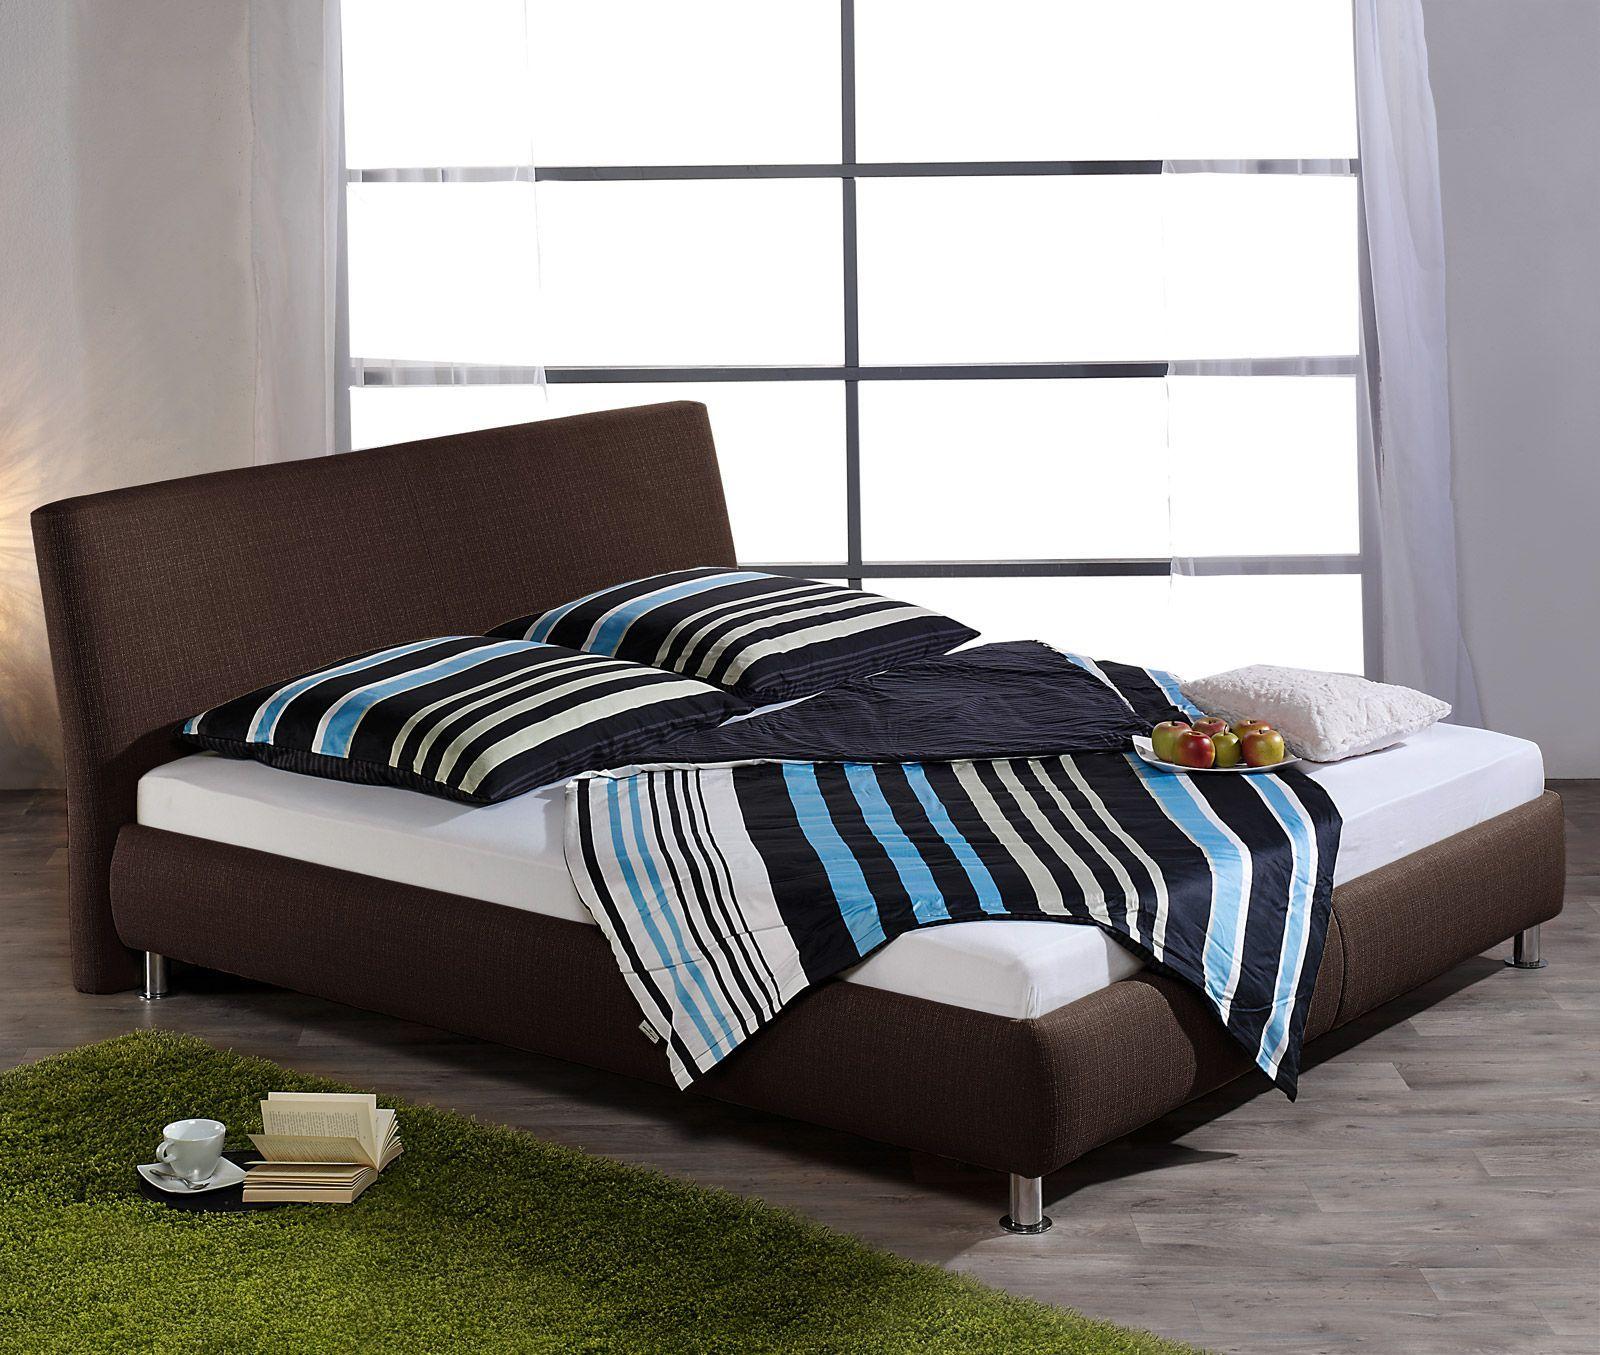 zwei lattenroste 1 matratze m bel kraft bettw sche ko test sehr gut schlafzimmer modern lila. Black Bedroom Furniture Sets. Home Design Ideas